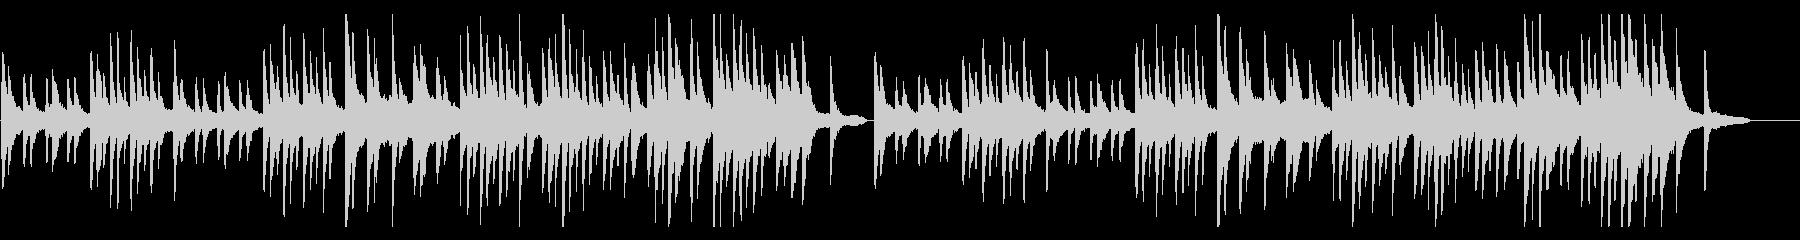 サティ ジムノペディ1番 ヒーリングの未再生の波形